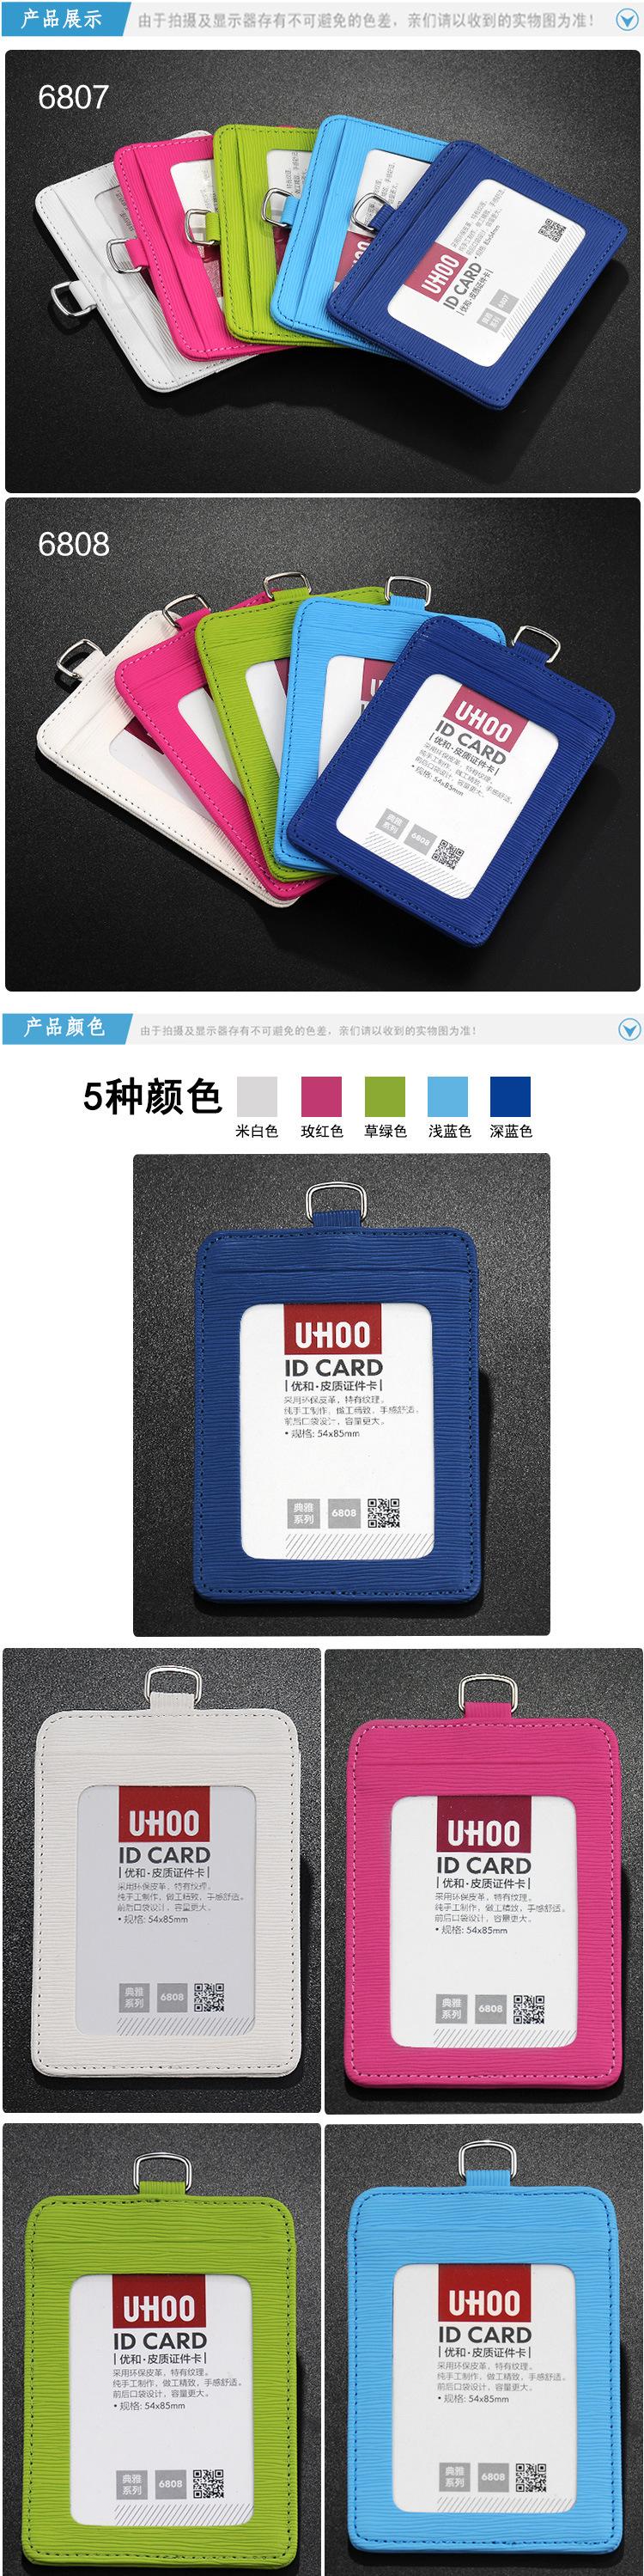 推荐新款牙签纹高档皮革证件皮套 公司企业员工典雅系列工牌卡套